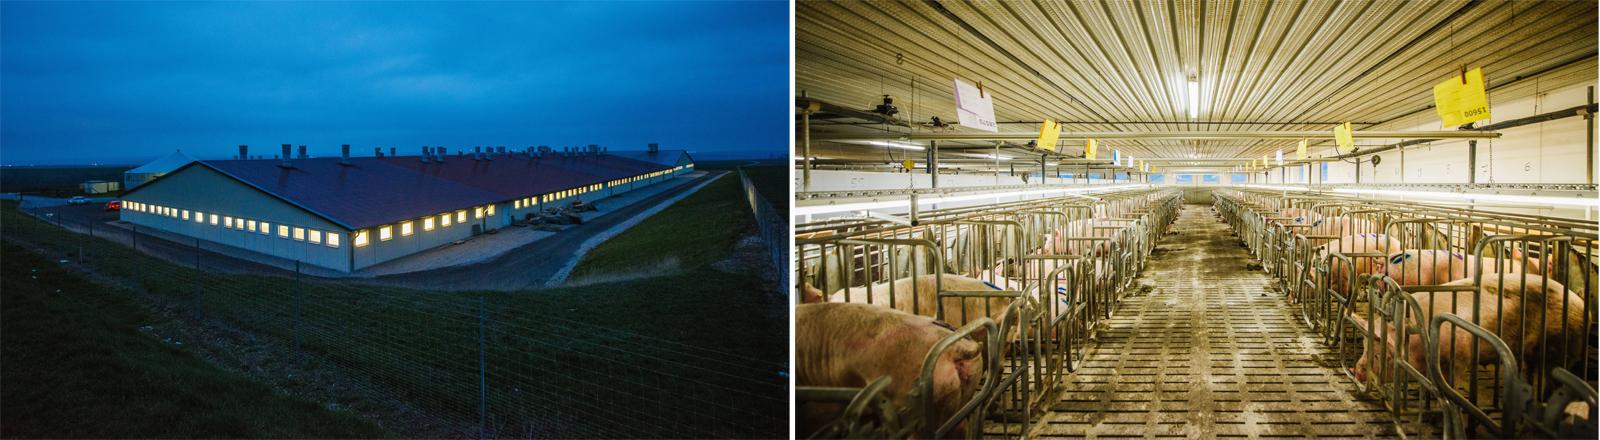 Deckstall des Unternehmens ADIB Aschara von Ex-Bauernpräsident Klaus Kliem